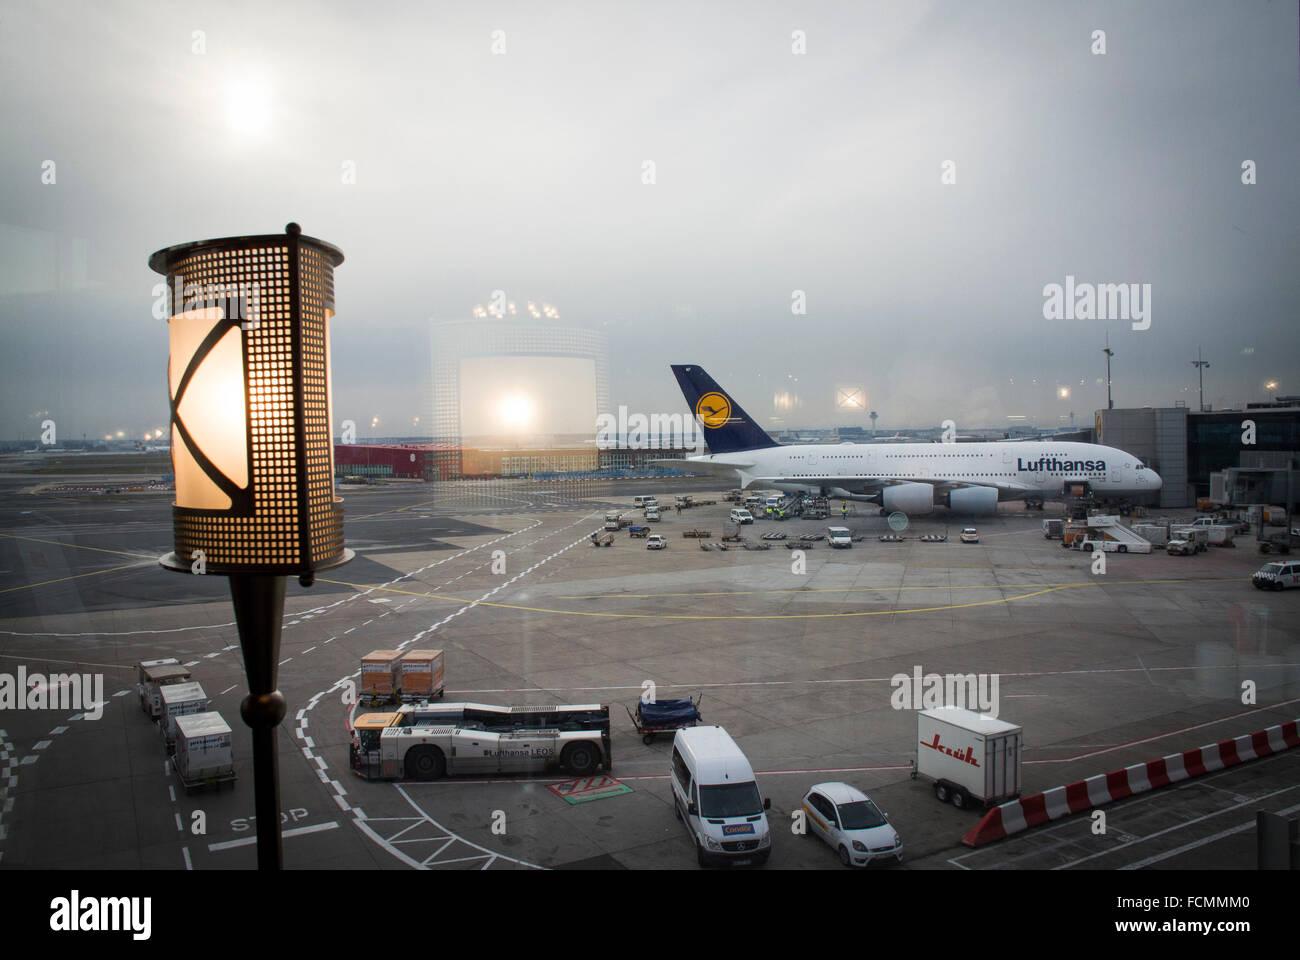 Vue depuis une salle de départ à l'aéroport de Francfort, Allemagne. Photo Stock